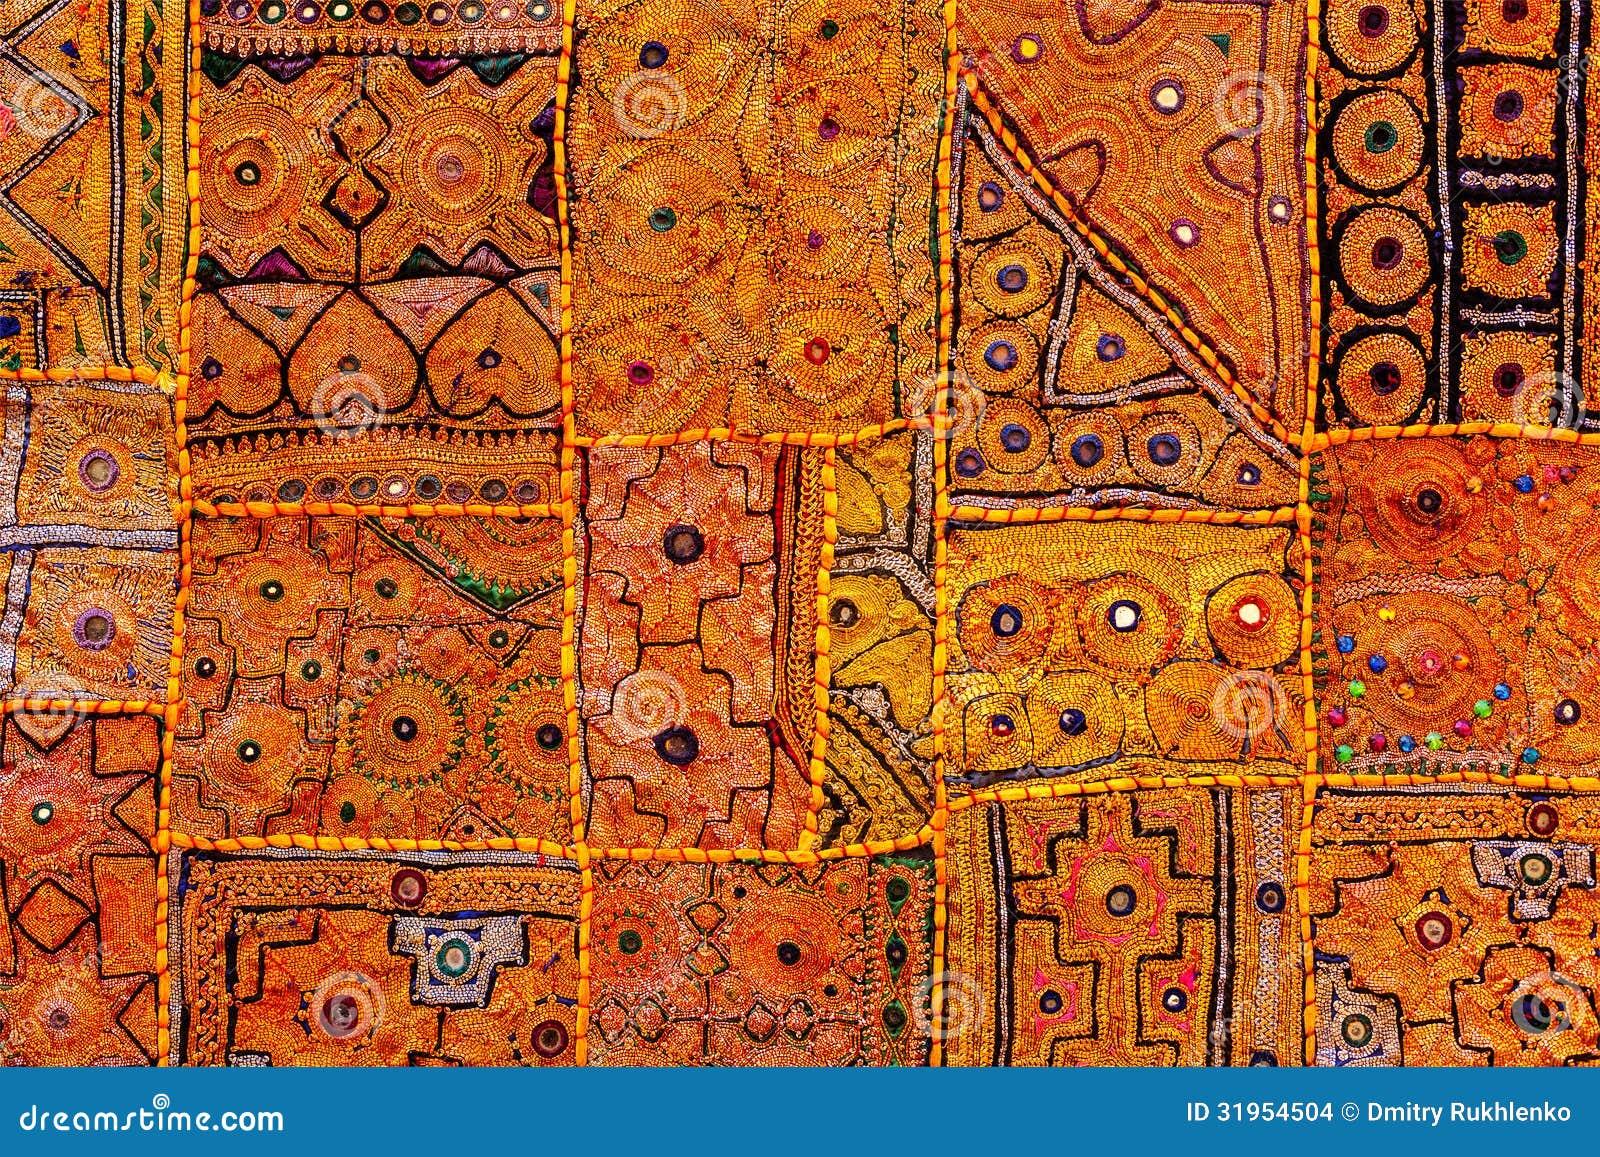 Materia textil india colorida de la tela india foto de - Telas de la india online ...